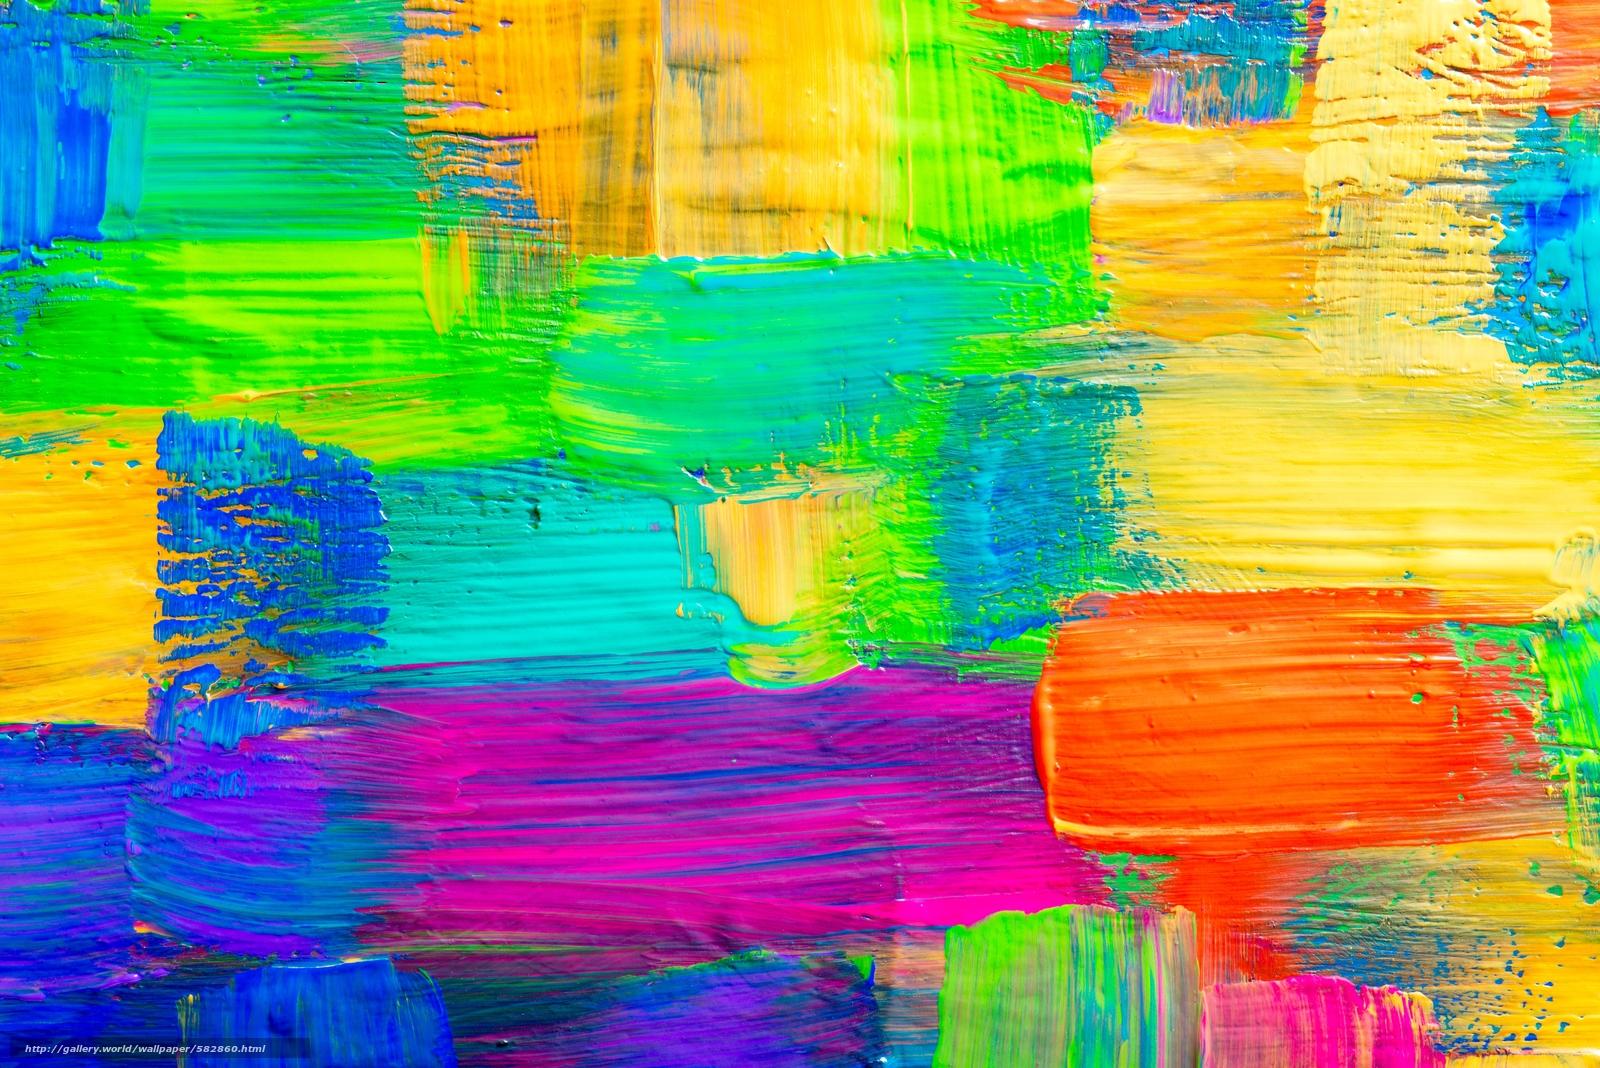 Скачать обои краска бесплатно для рабочего стола в разрешении 5956x3976 — картинка №582860